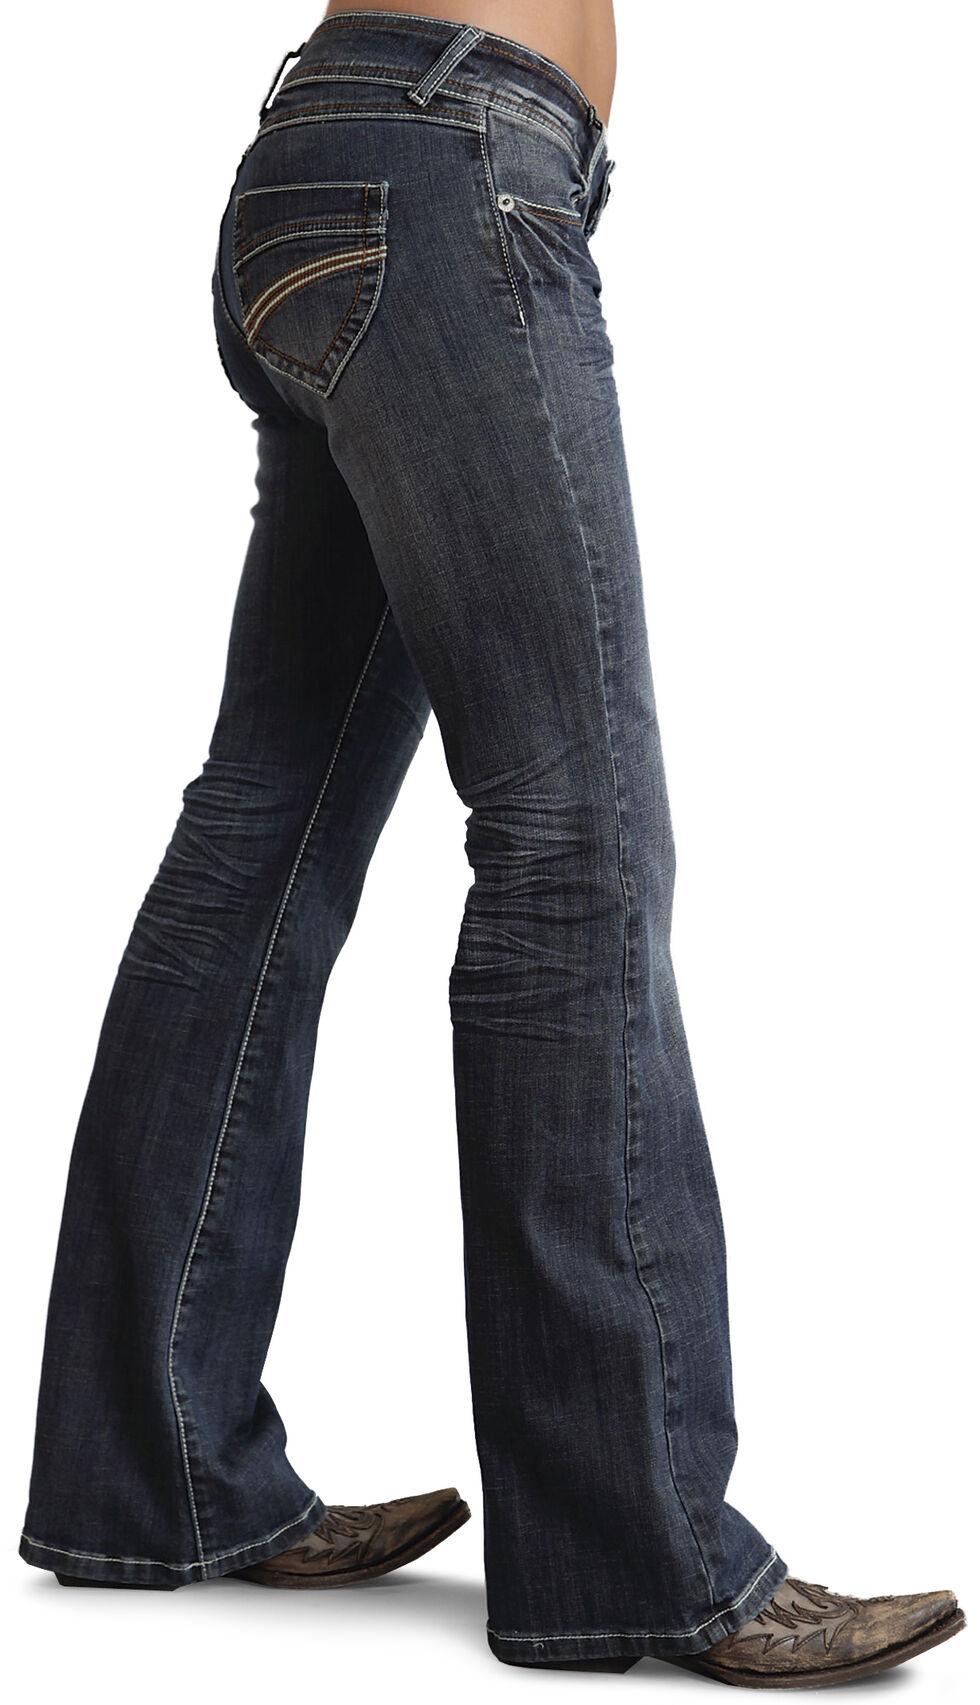 Stetson Women's 816 Classic Fit Thick Stitch Jeans, Denim, hi-res